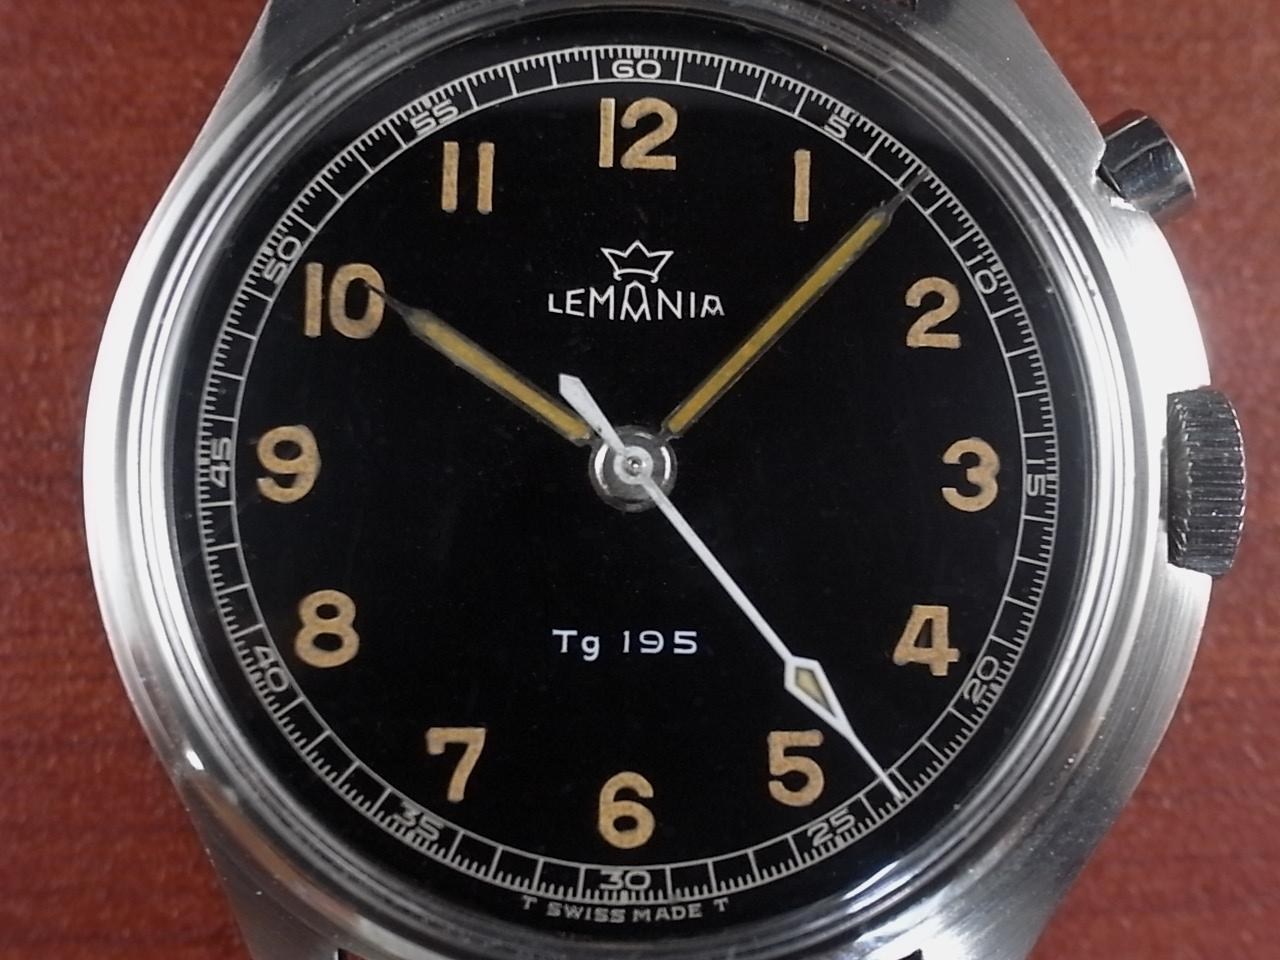 レマニア 軍用時計 スウェーデン軍 Tg195 ラージスリークラウンズ 1950年代の写真2枚目